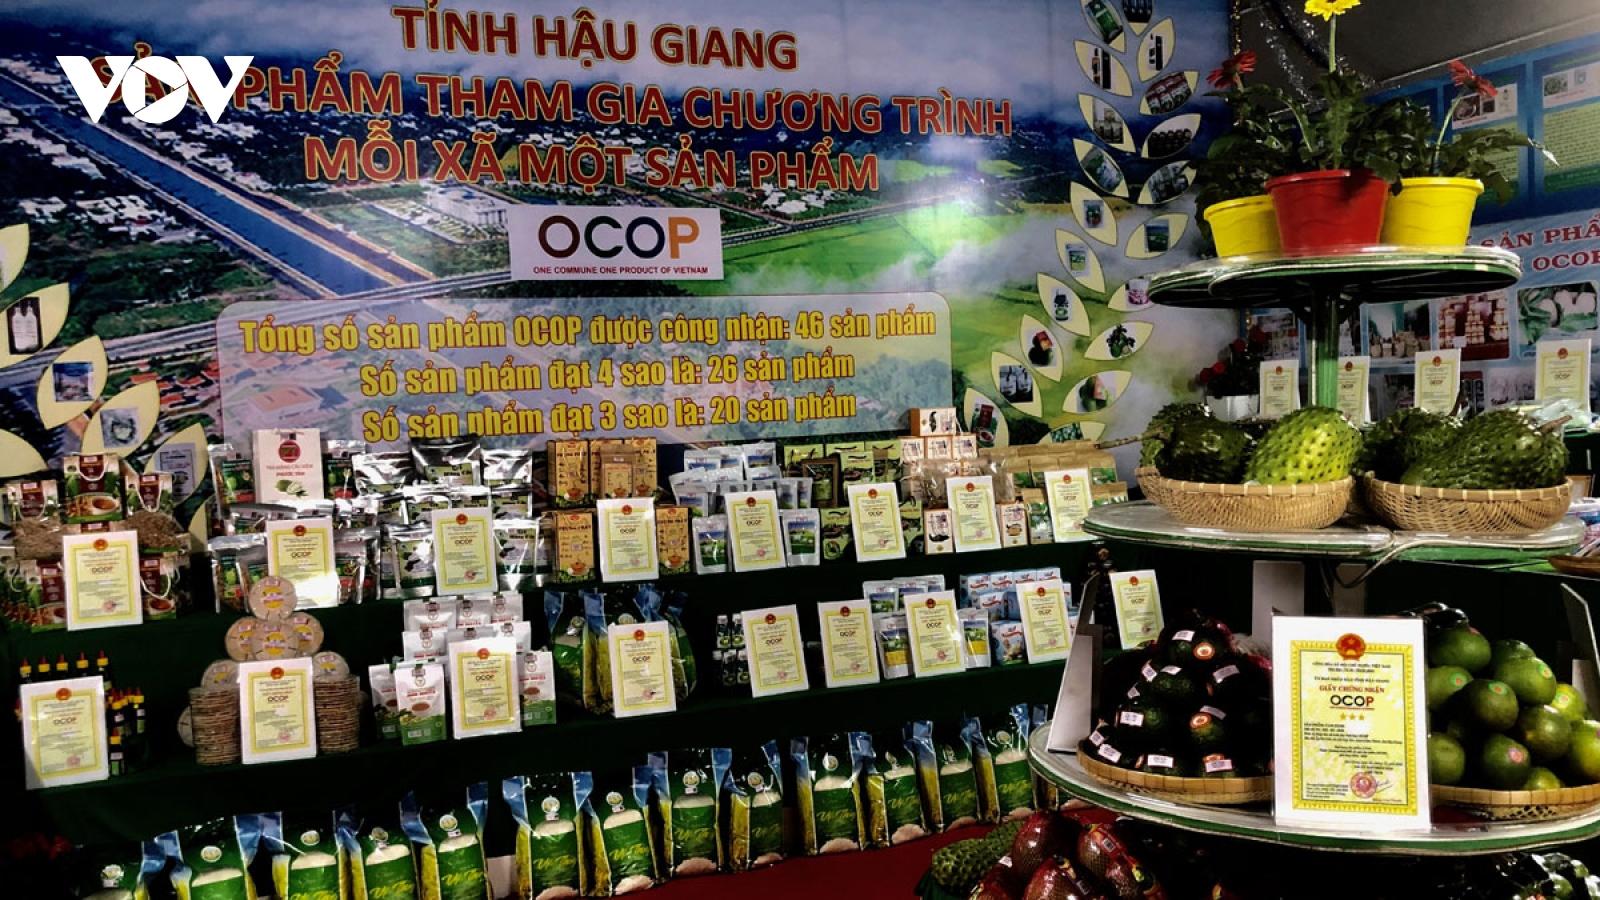 66 sản phẩm của Hậu Giang được chứng nhận đạt chuẩn OCOP